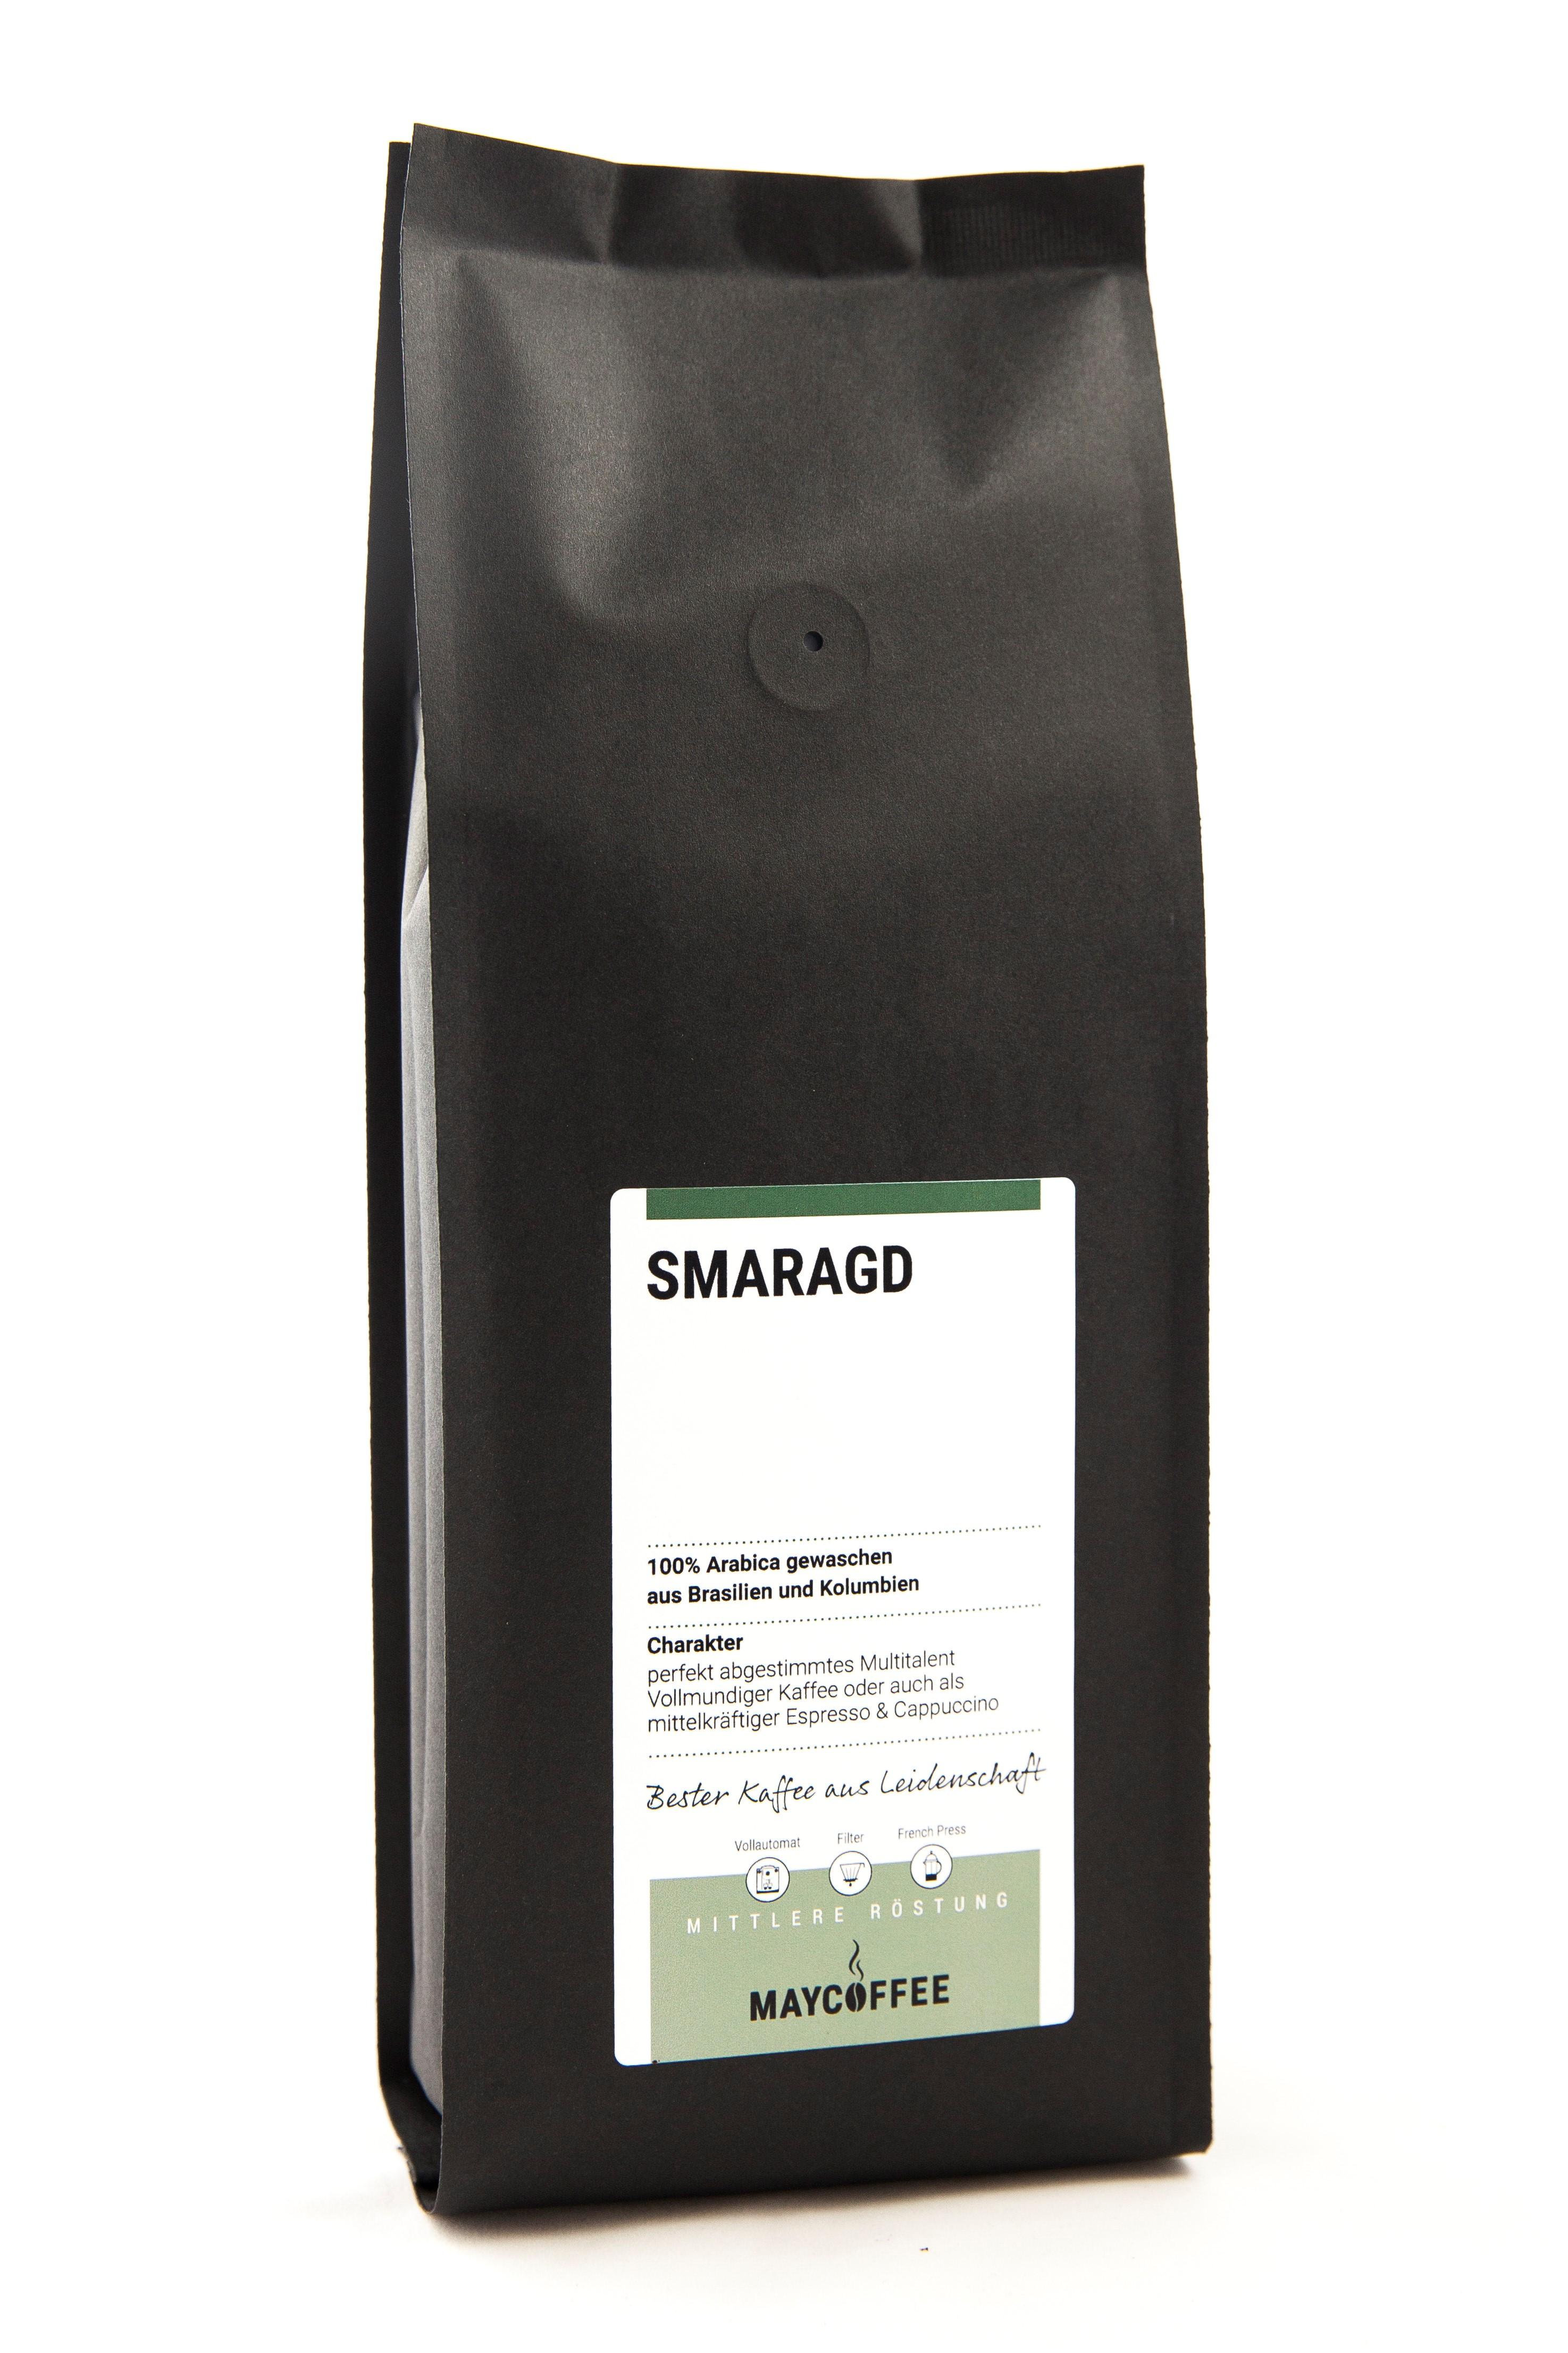 MAYCOFFEE Smaragd Kaffee